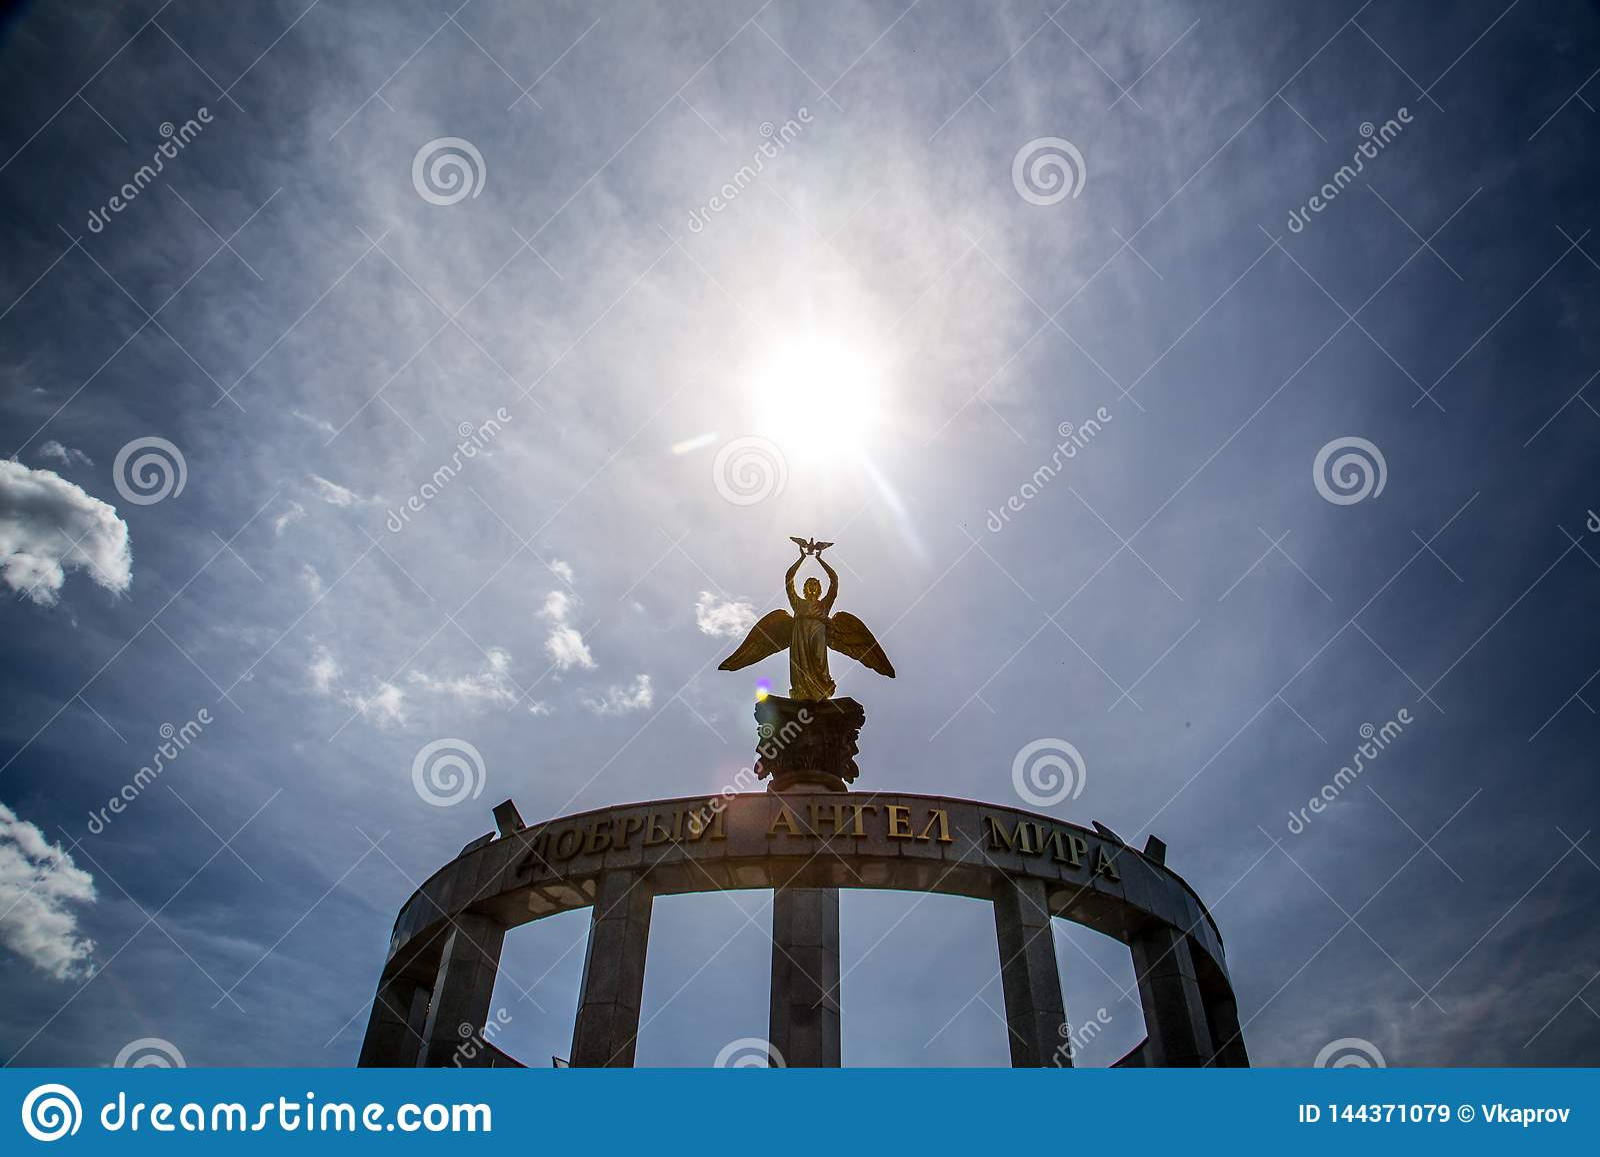 Estátua de um anjo e o sol acima dele